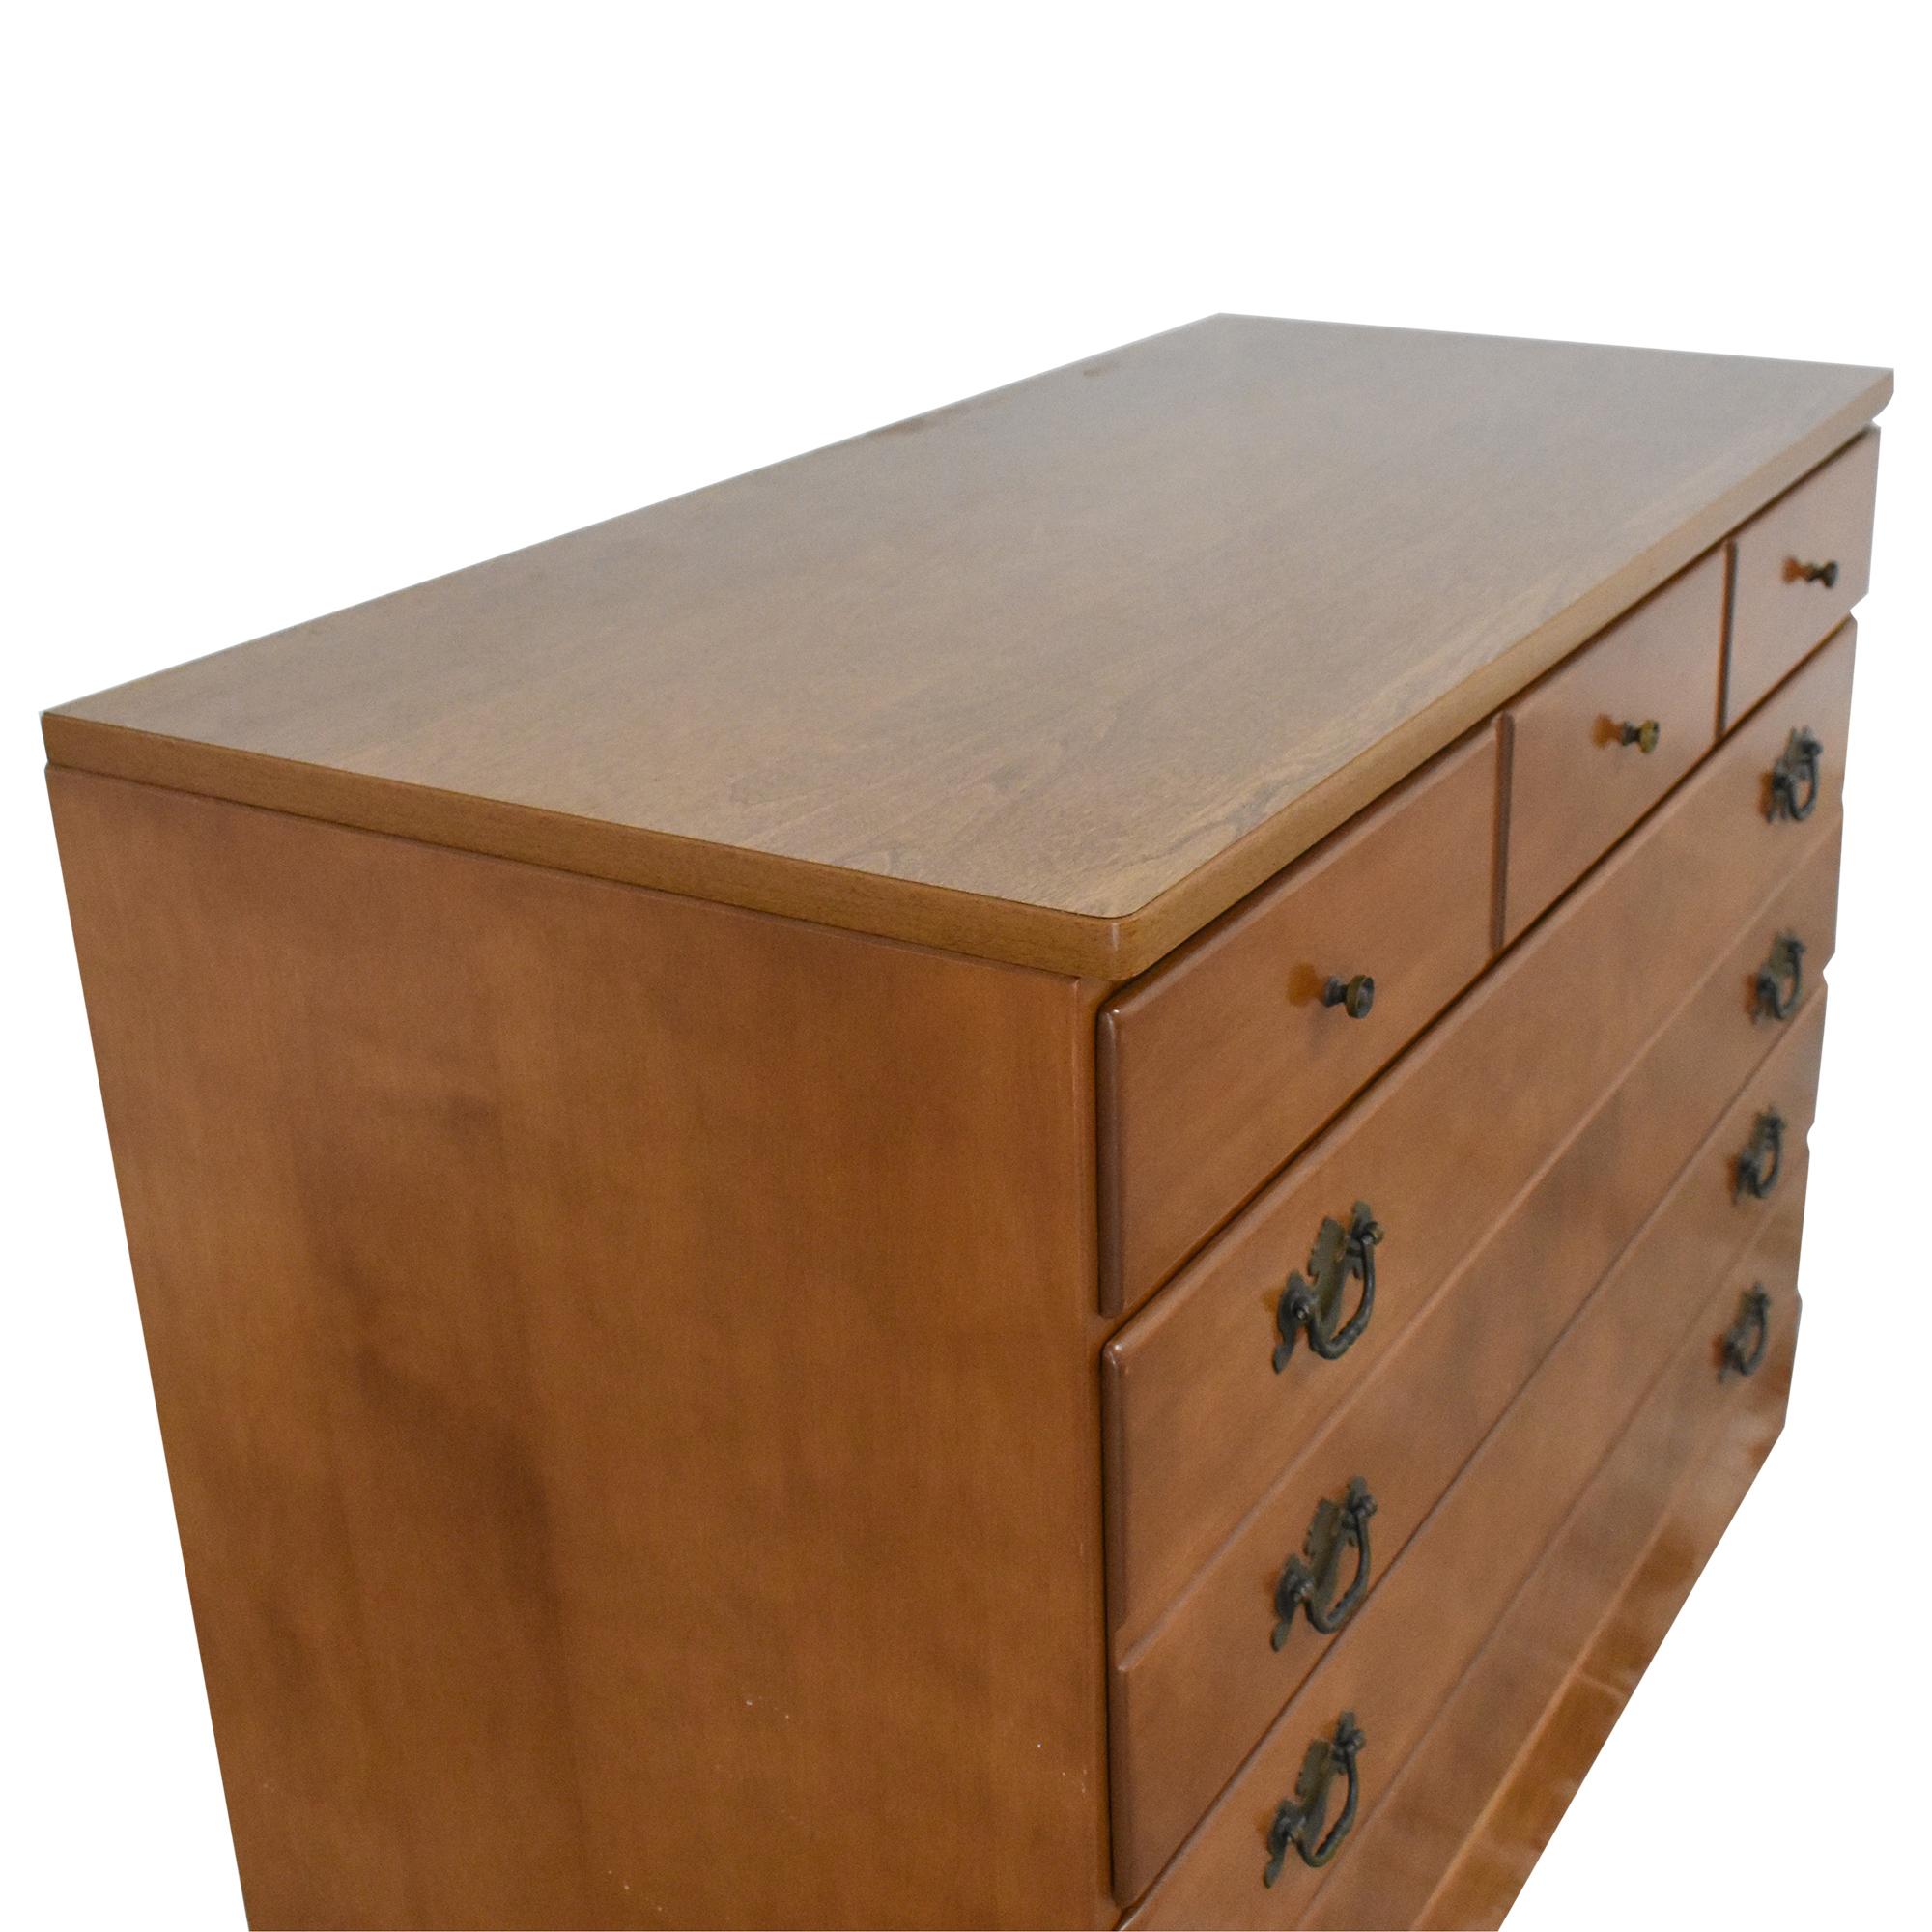 Ethan Allen Ethan Allen Three Drawer Dresser for sale